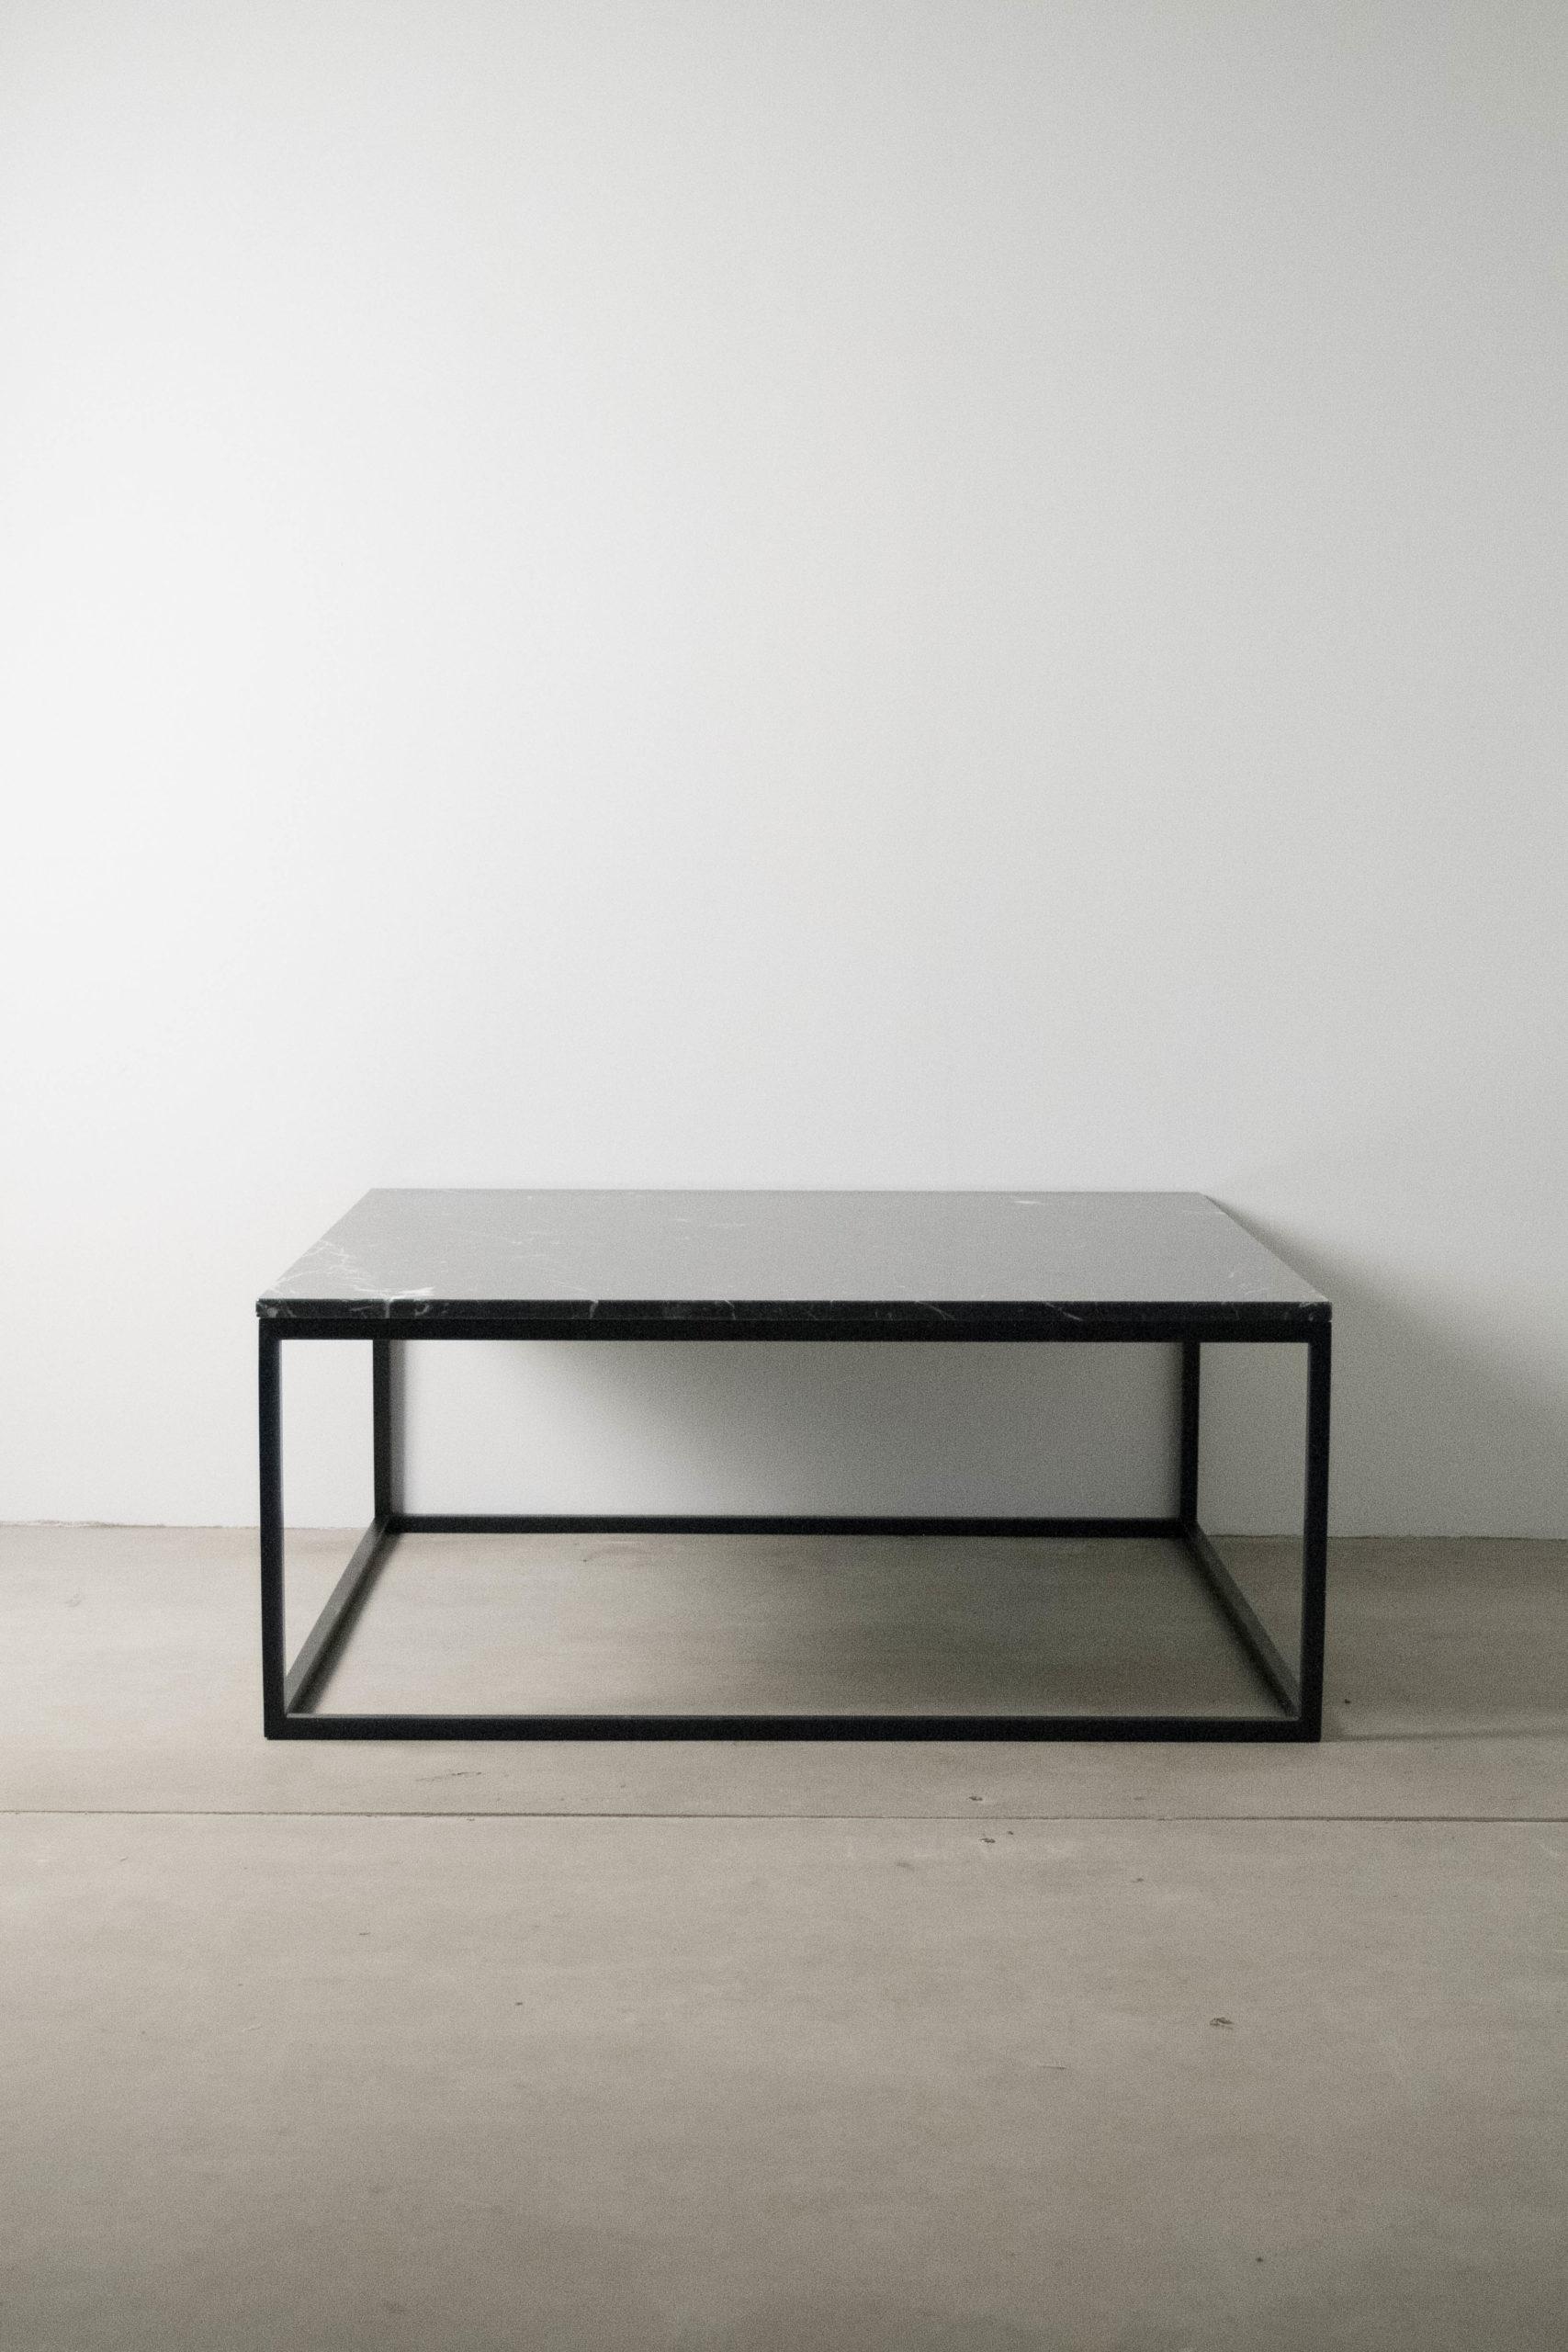 mesa completa de marmol y metal hecha a mano diseño calidad